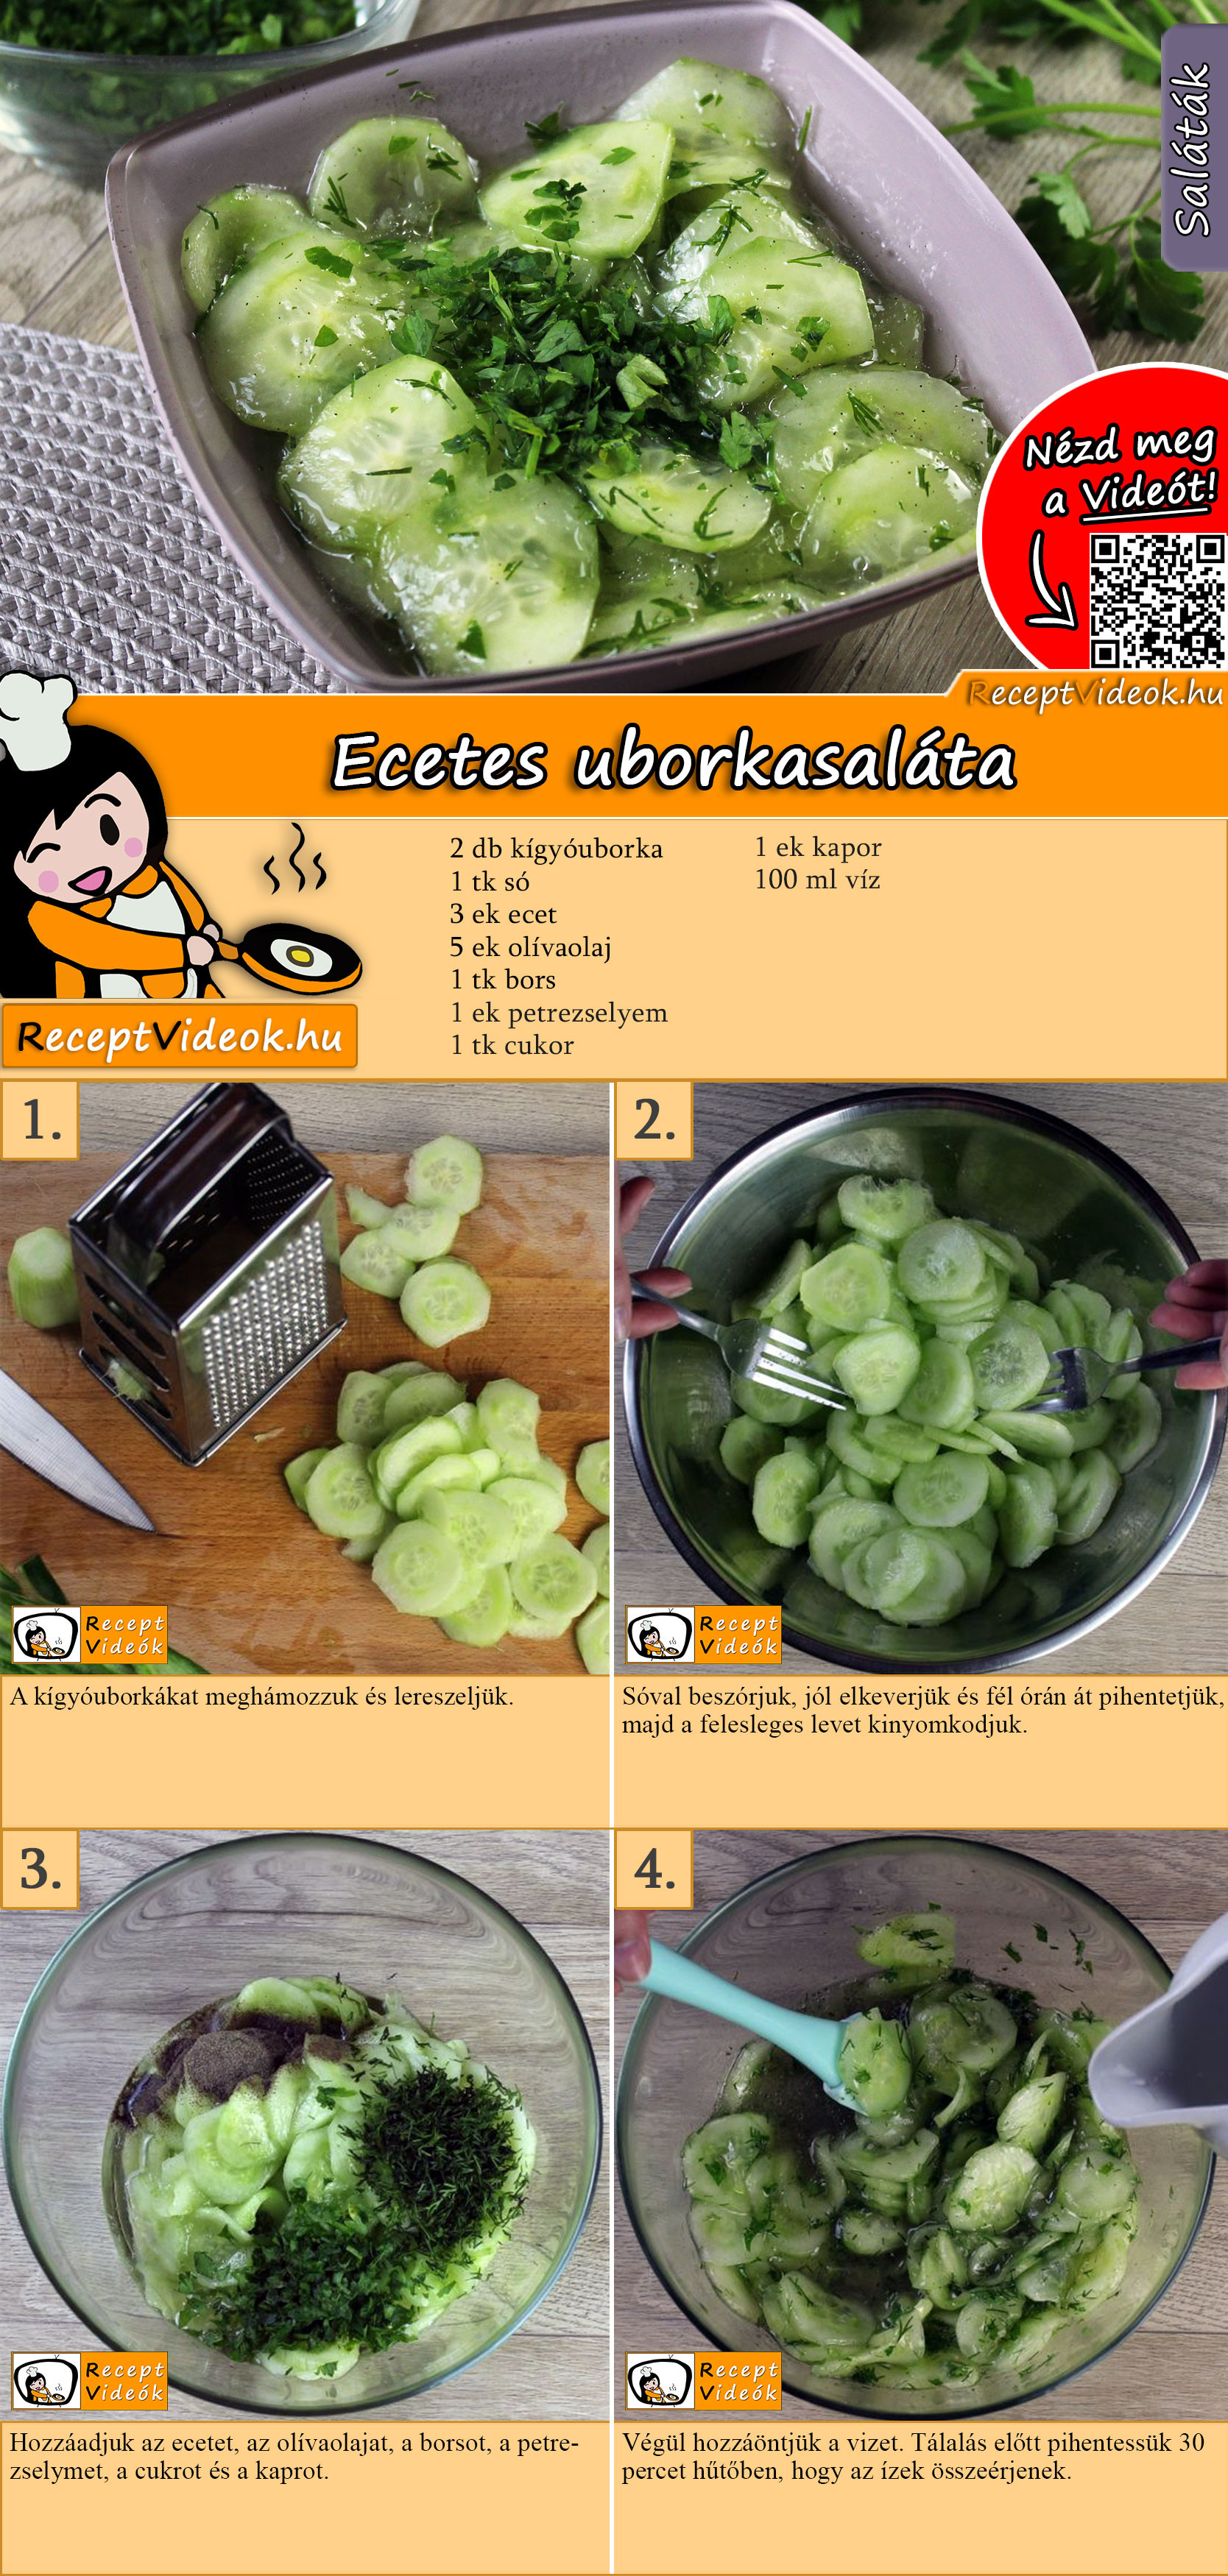 Ecetes uborkasaláta recept elkészítése videóval